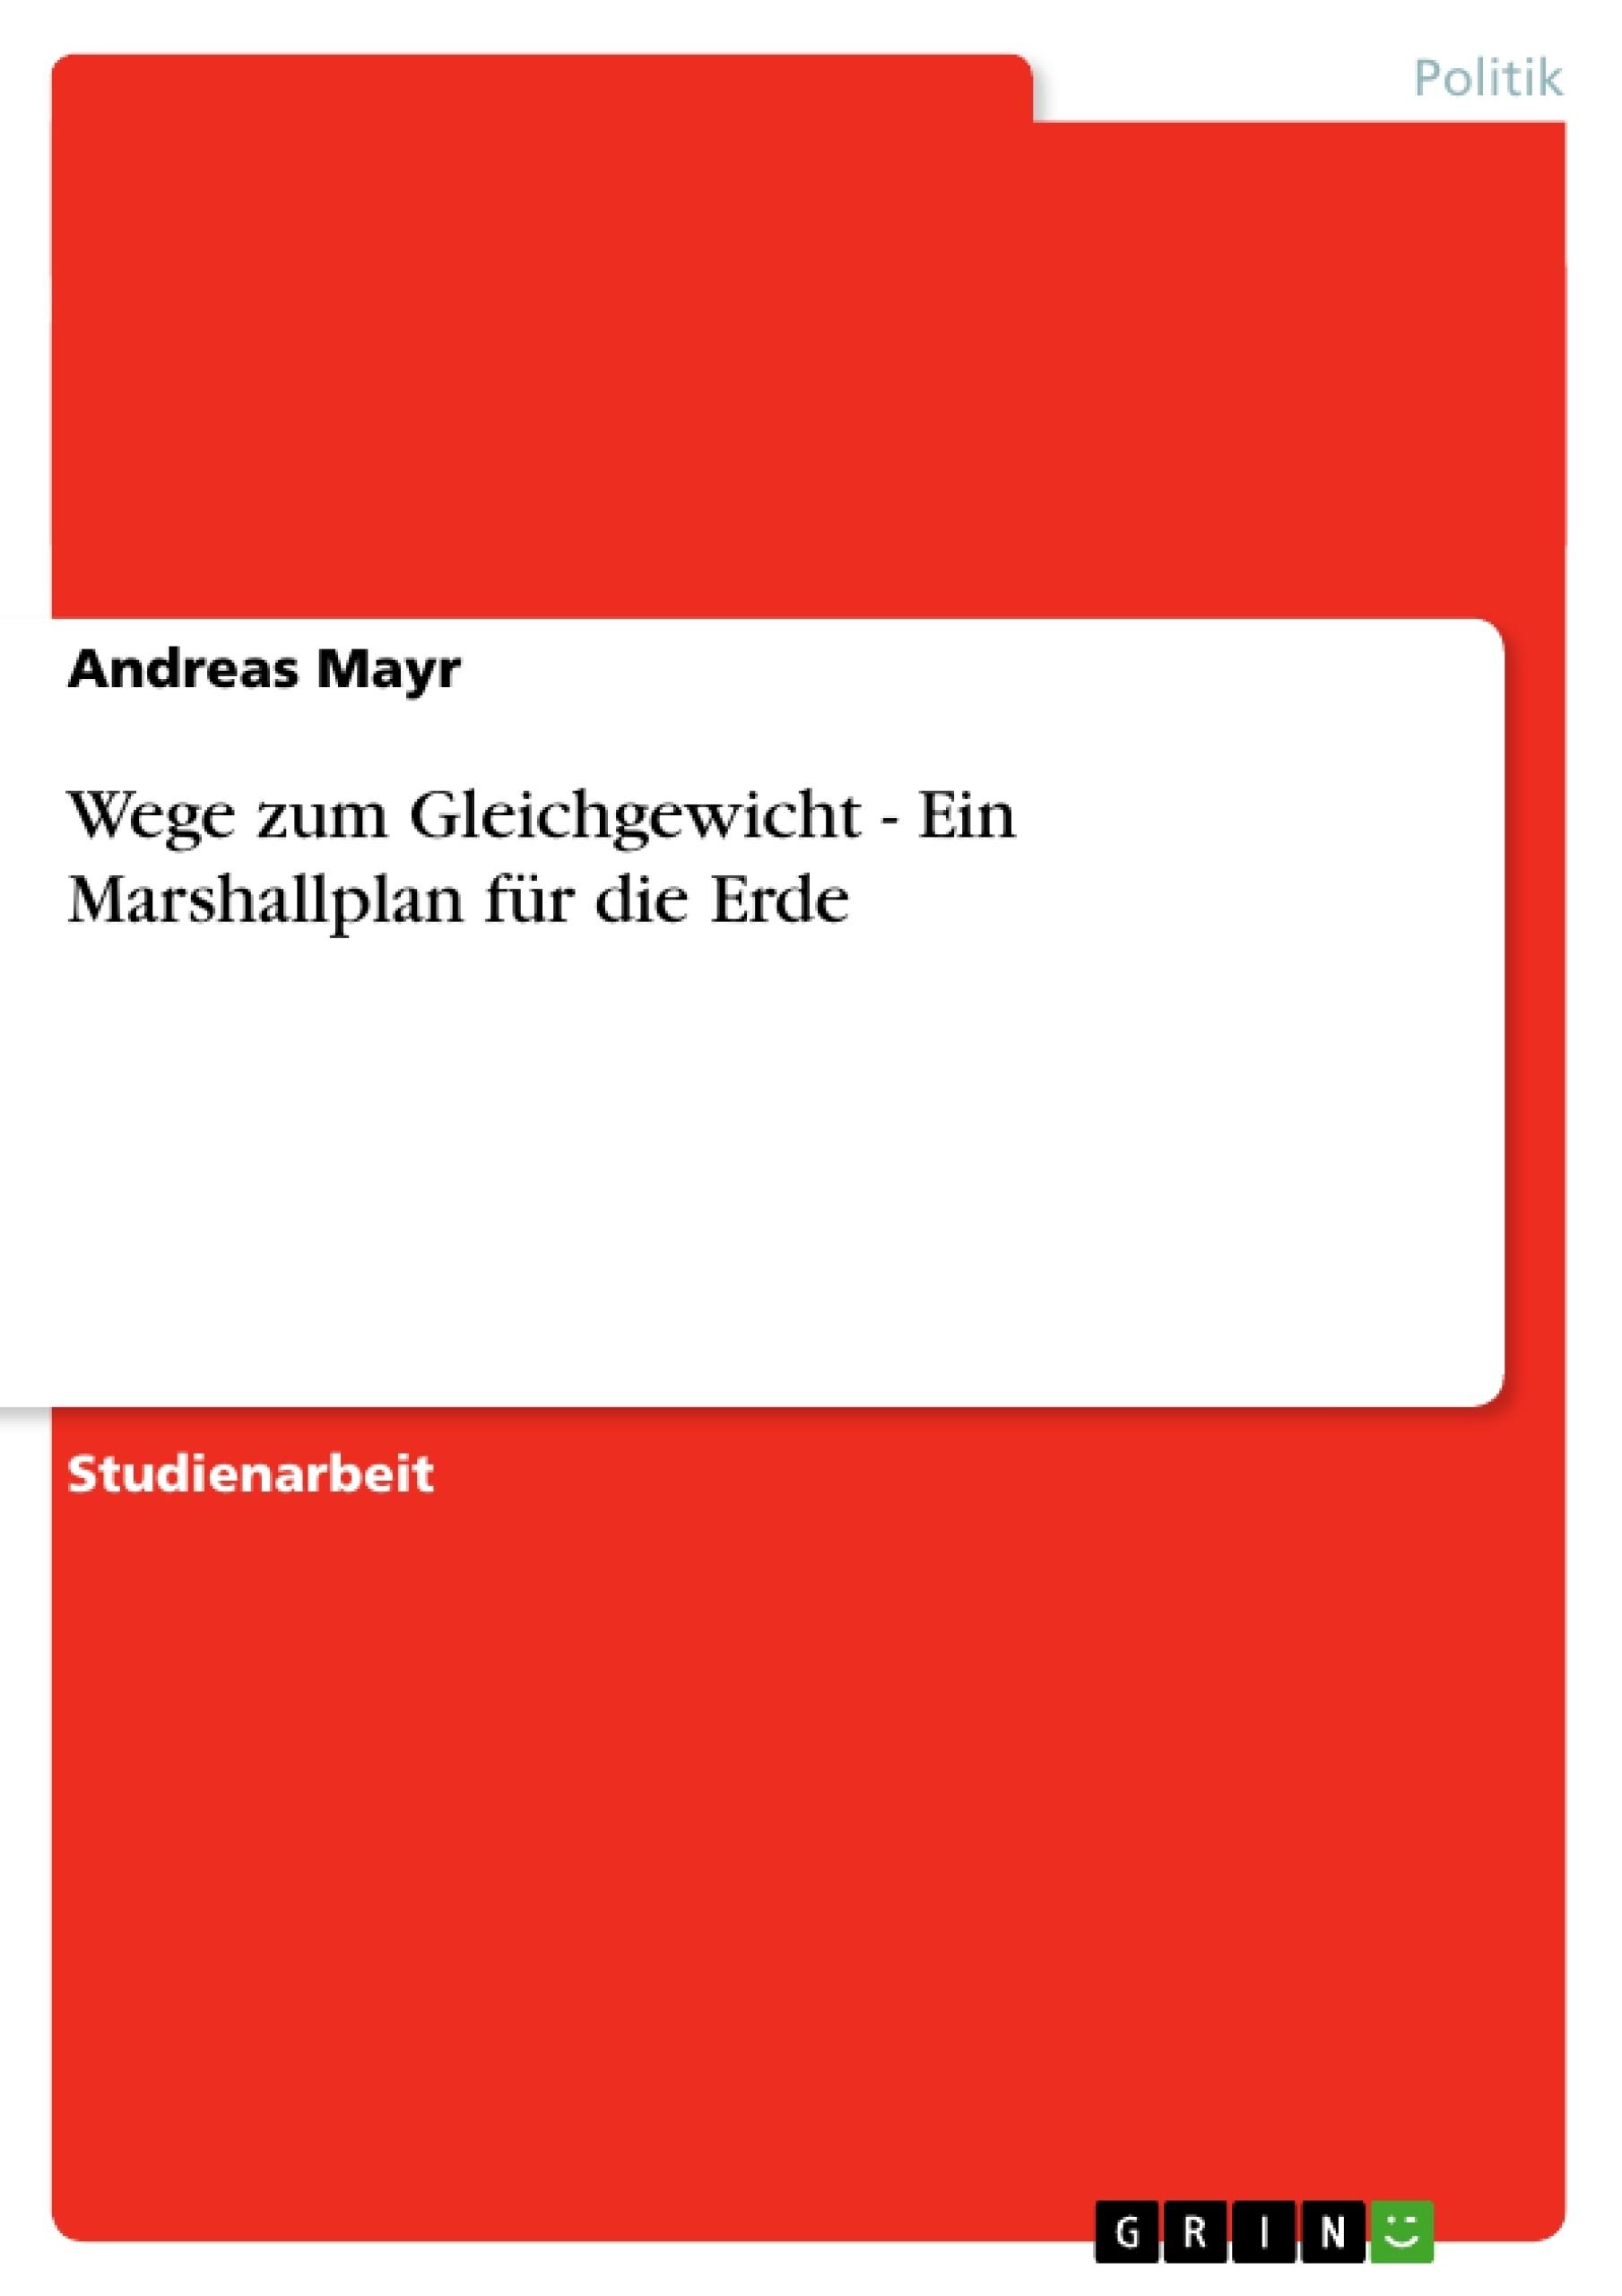 Titel: Wege zum Gleichgewicht - Ein Marshallplan für die Erde